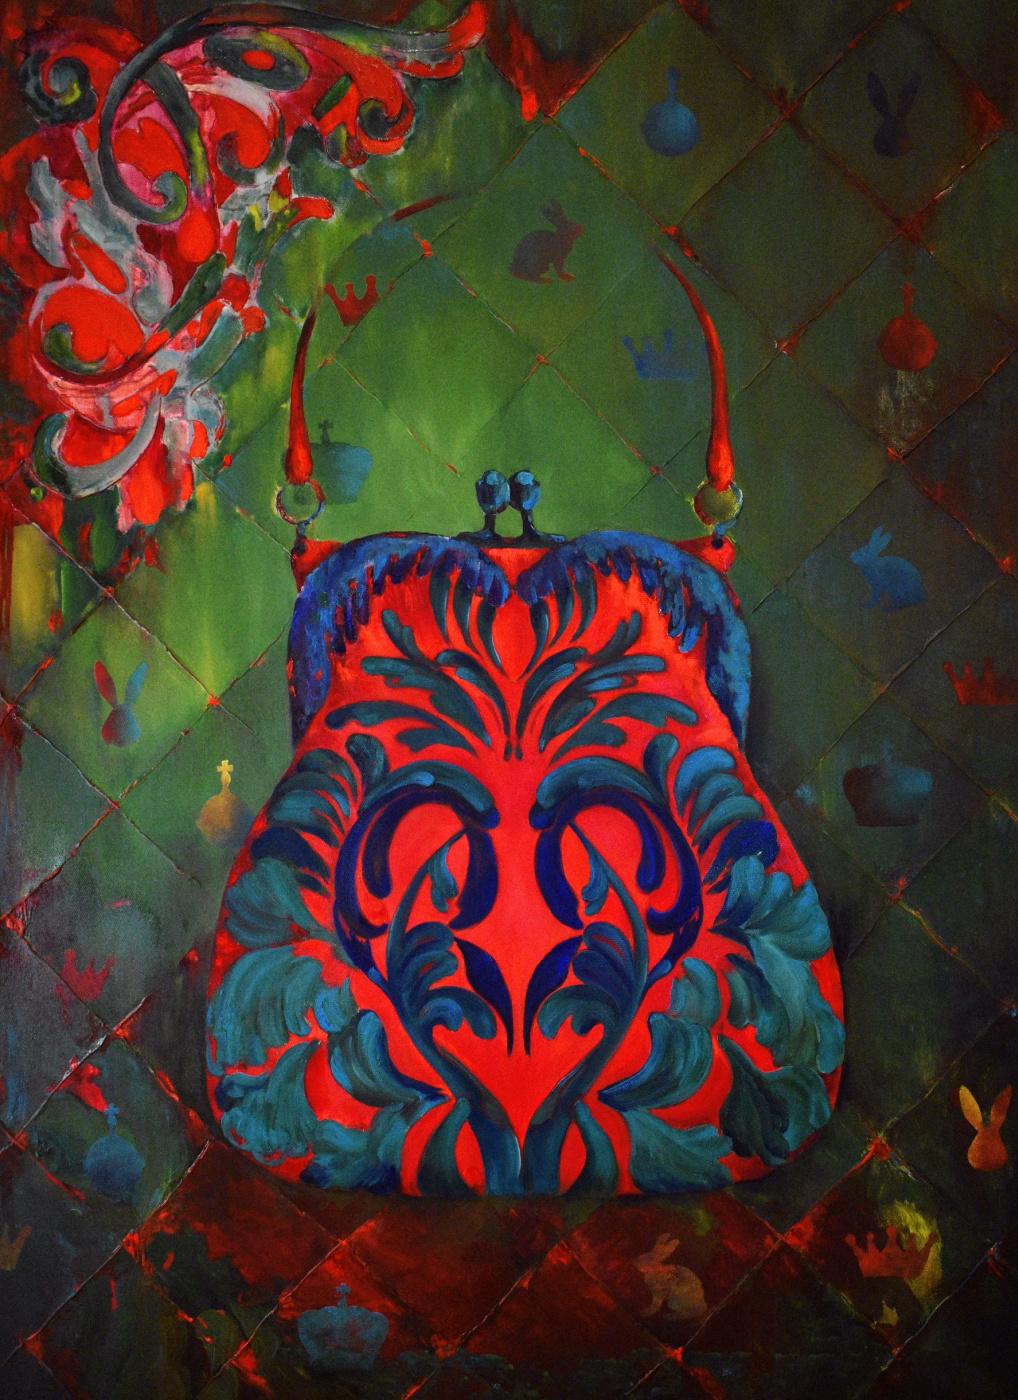 Marina Venediktova. GLAMOUR AA 110*80 cm, original oil painting